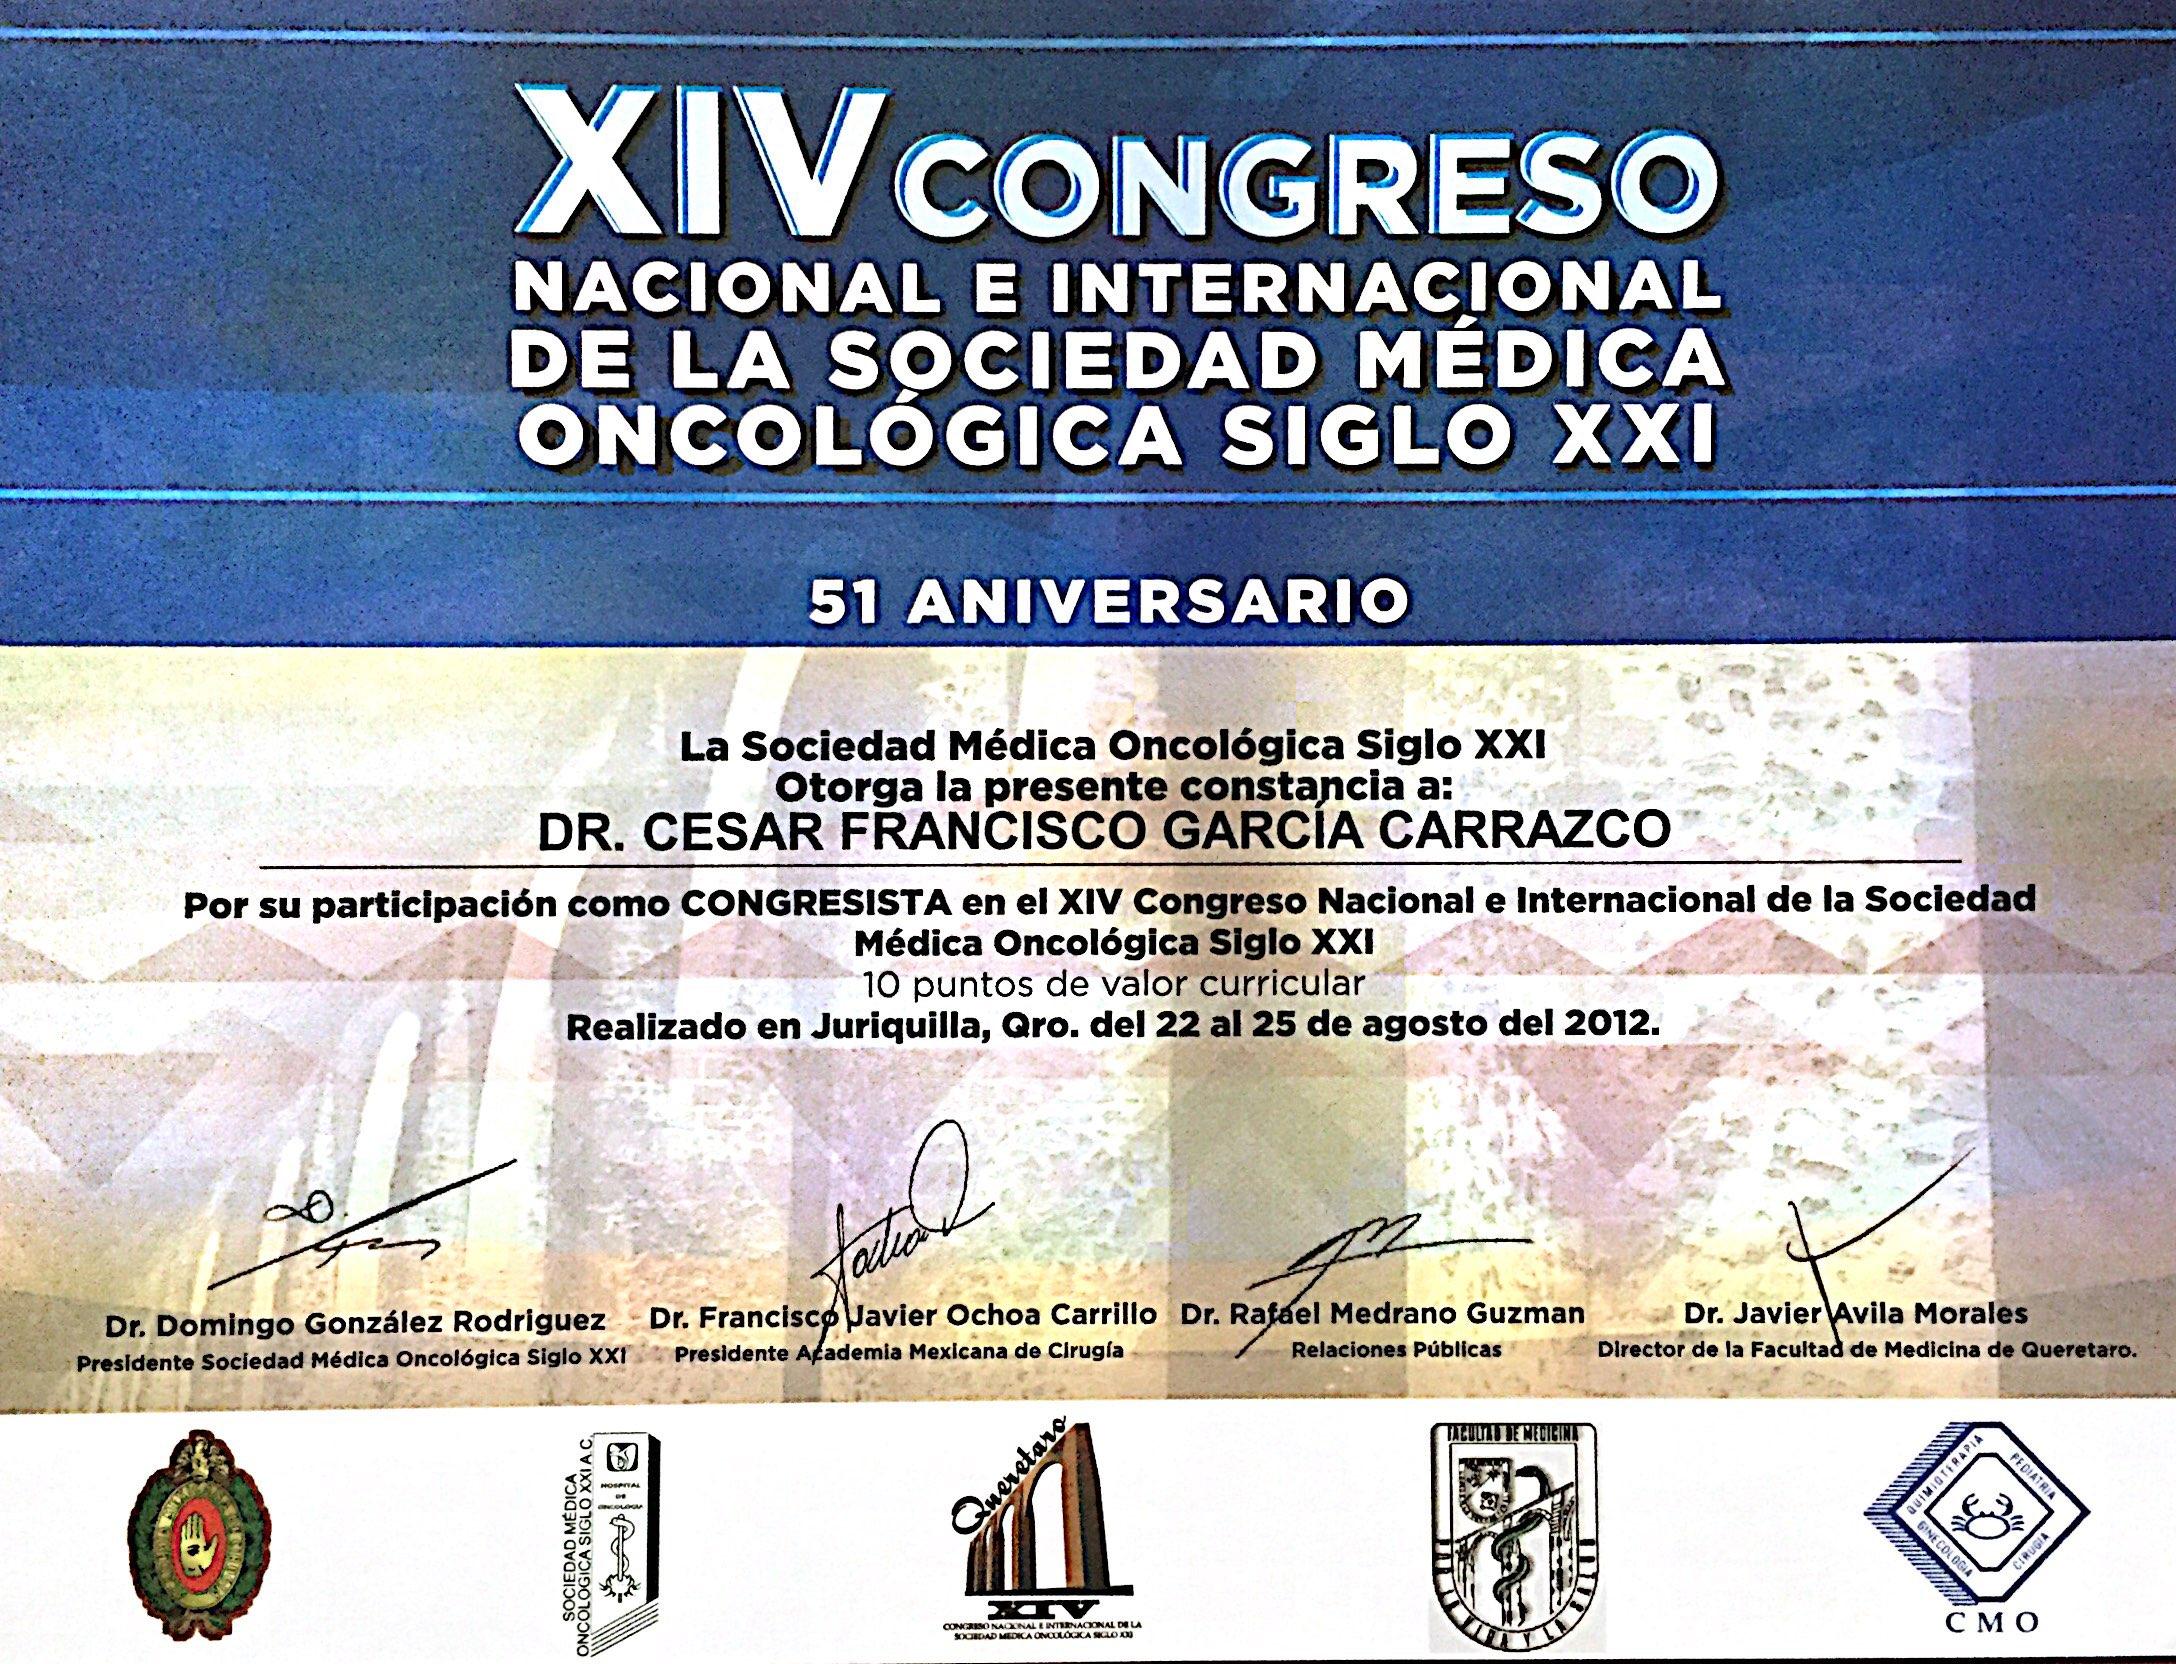 Dr. Garcia Carrazco_85